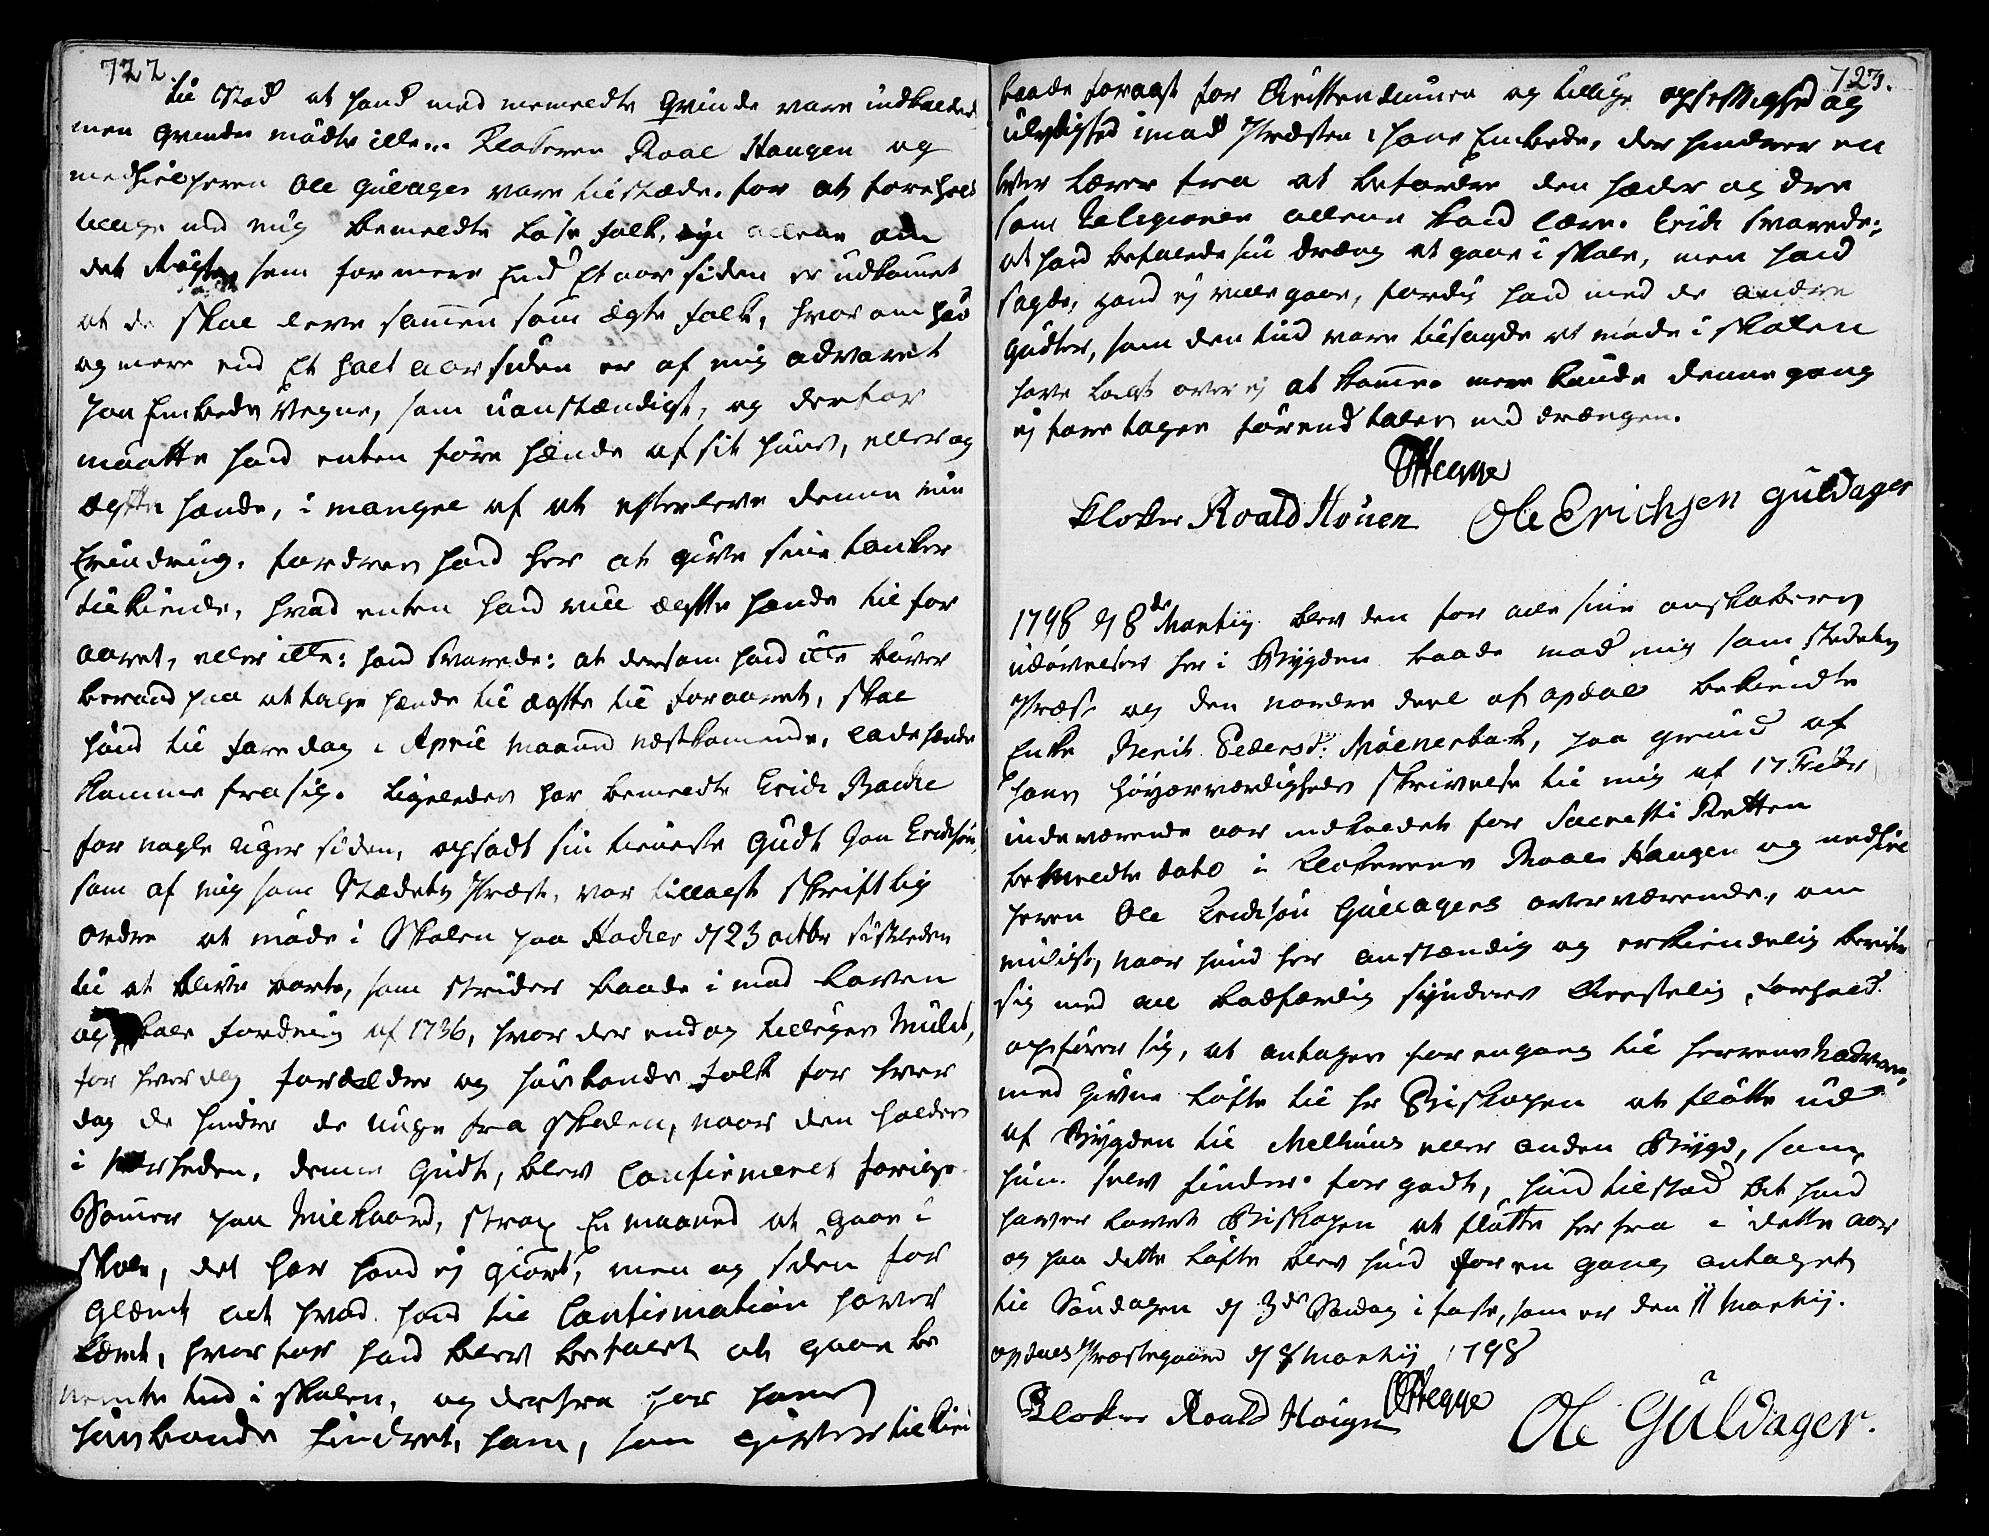 SAT, Ministerialprotokoller, klokkerbøker og fødselsregistre - Sør-Trøndelag, 678/L0893: Ministerialbok nr. 678A03, 1792-1805, s. 722-723